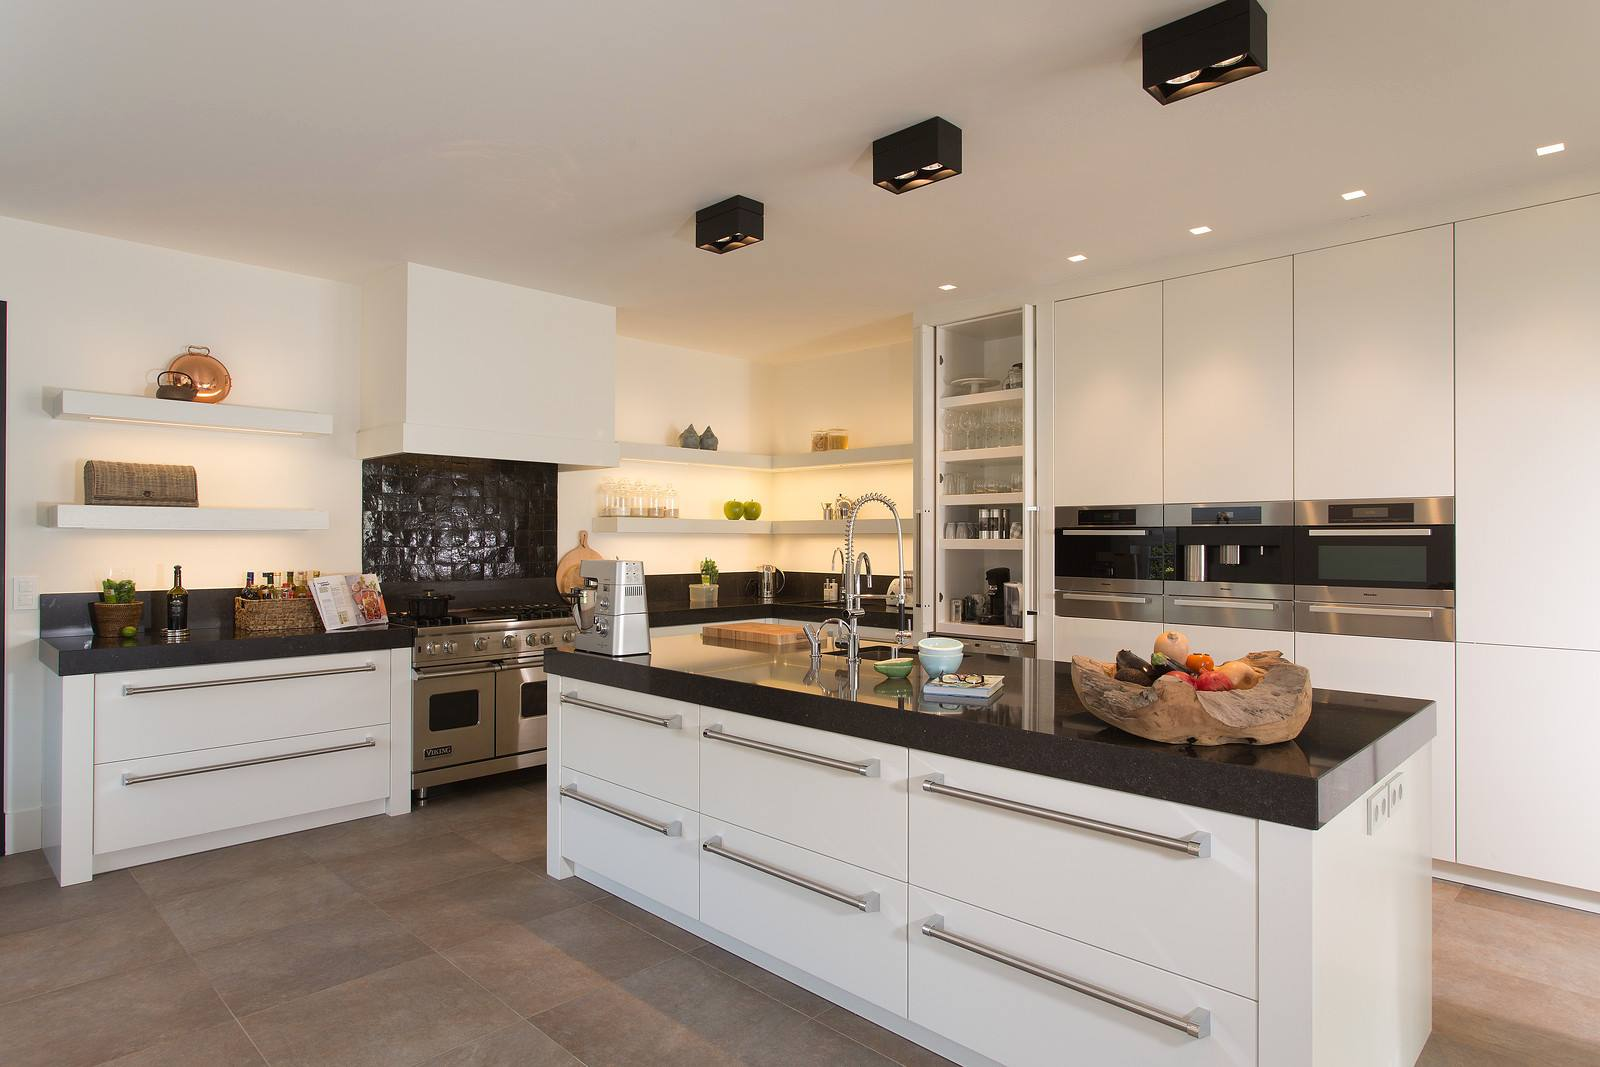 Keukentrend het keukeneiland foto 39 s nieuws startpagina voor keuken idee n uw - Foto keuken ...